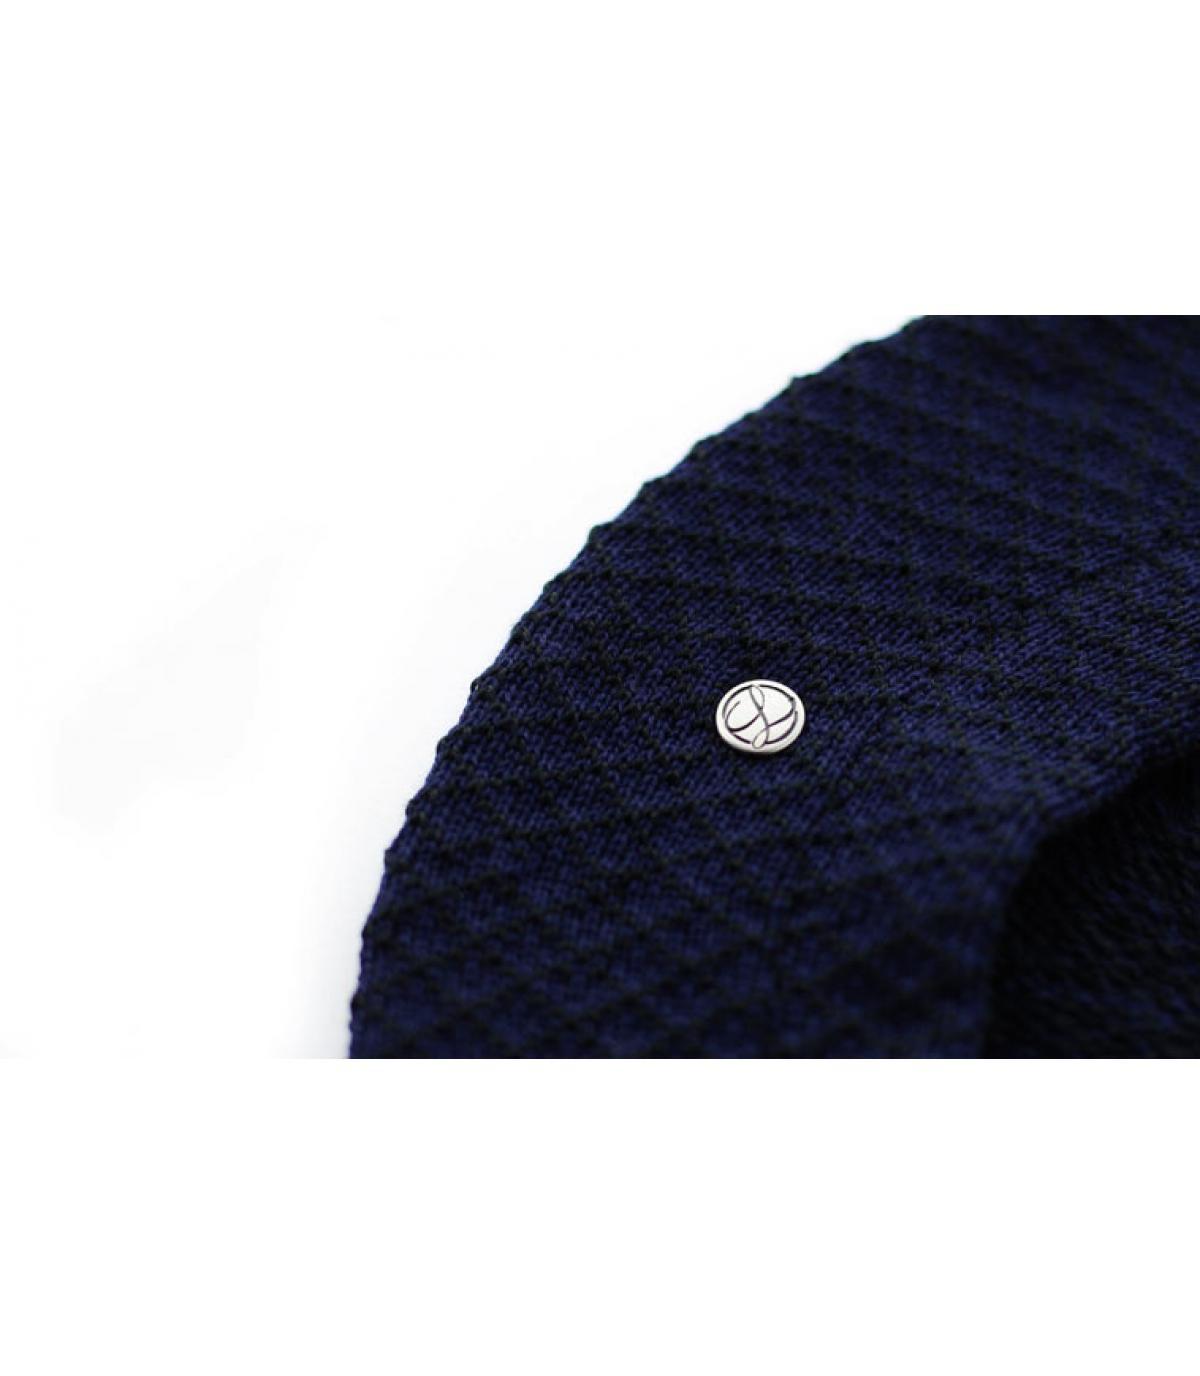 Détails Béret Coton noir bleu nuit - image 3